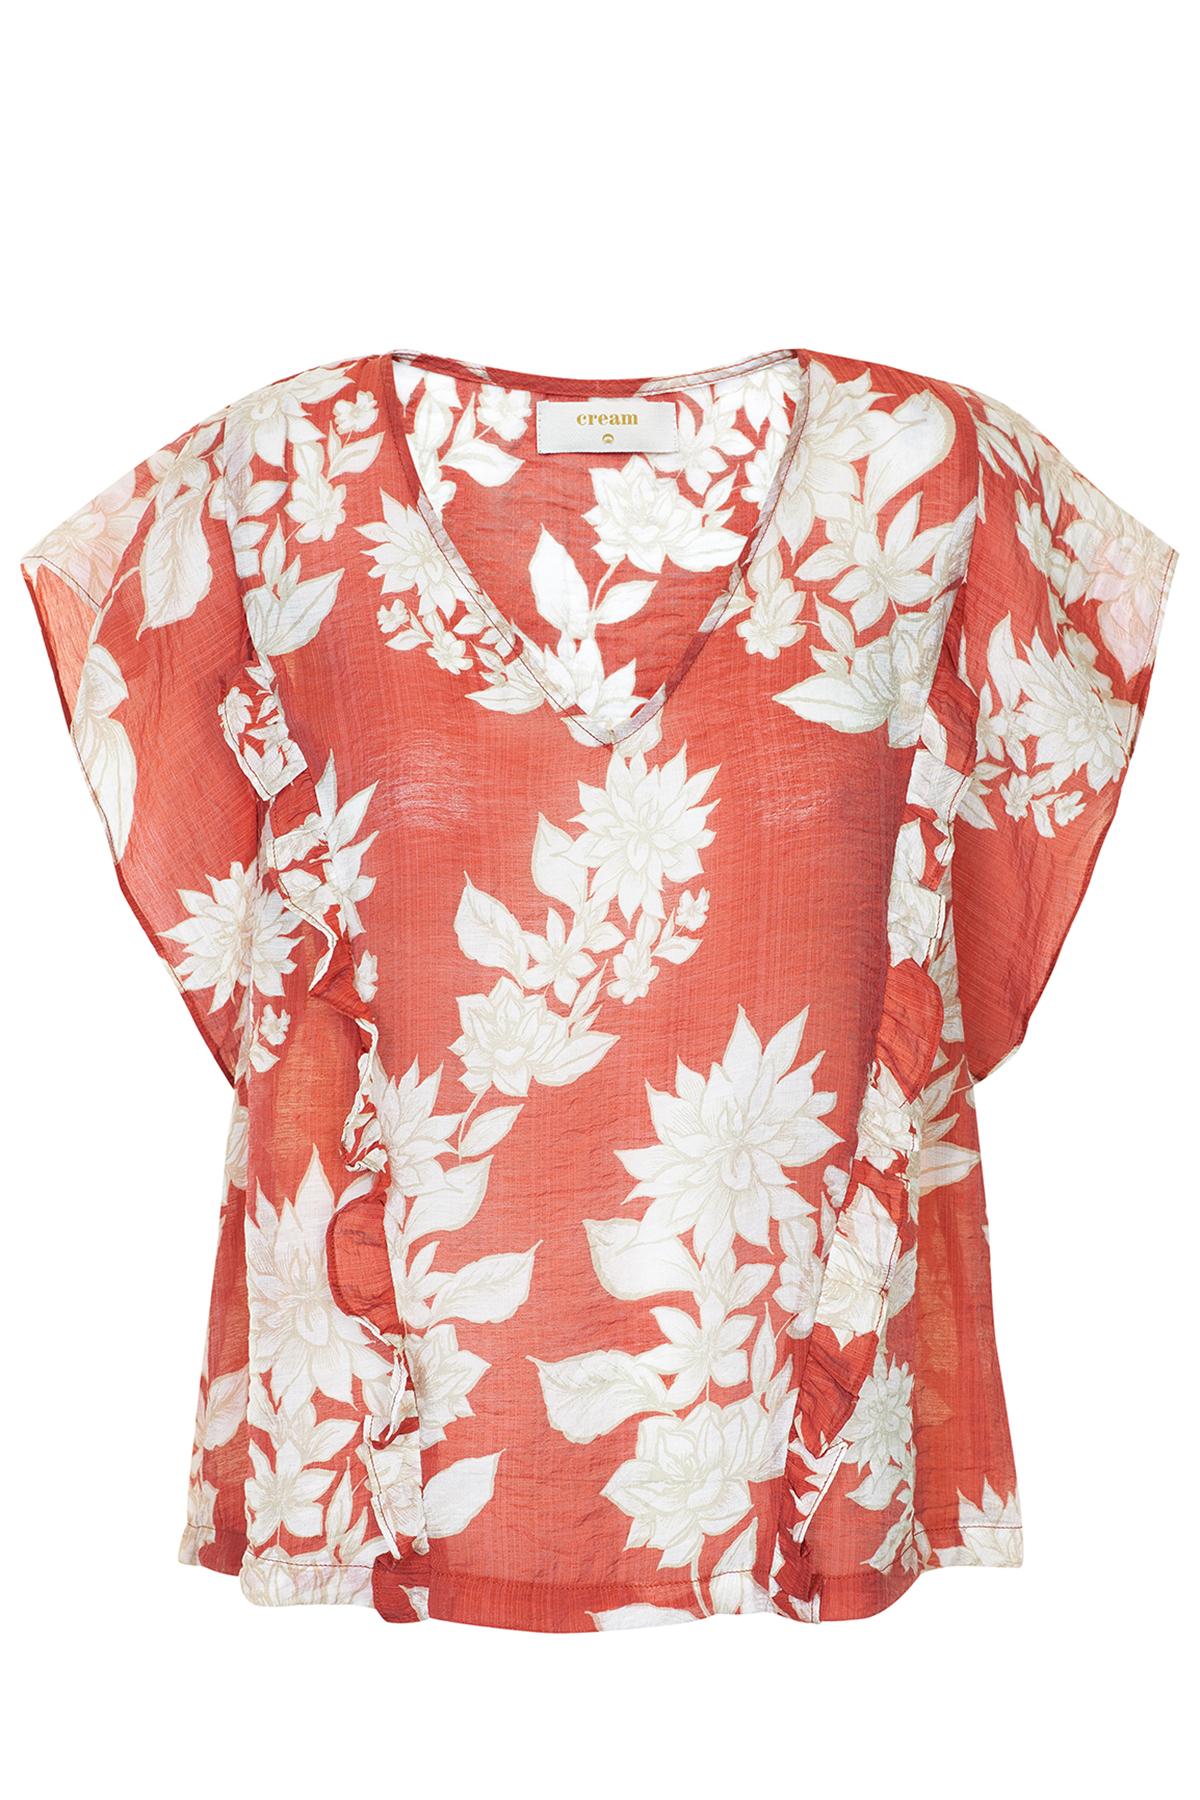 Image of Cream Dame Kortærmet bluse - Brændt rød/off-white